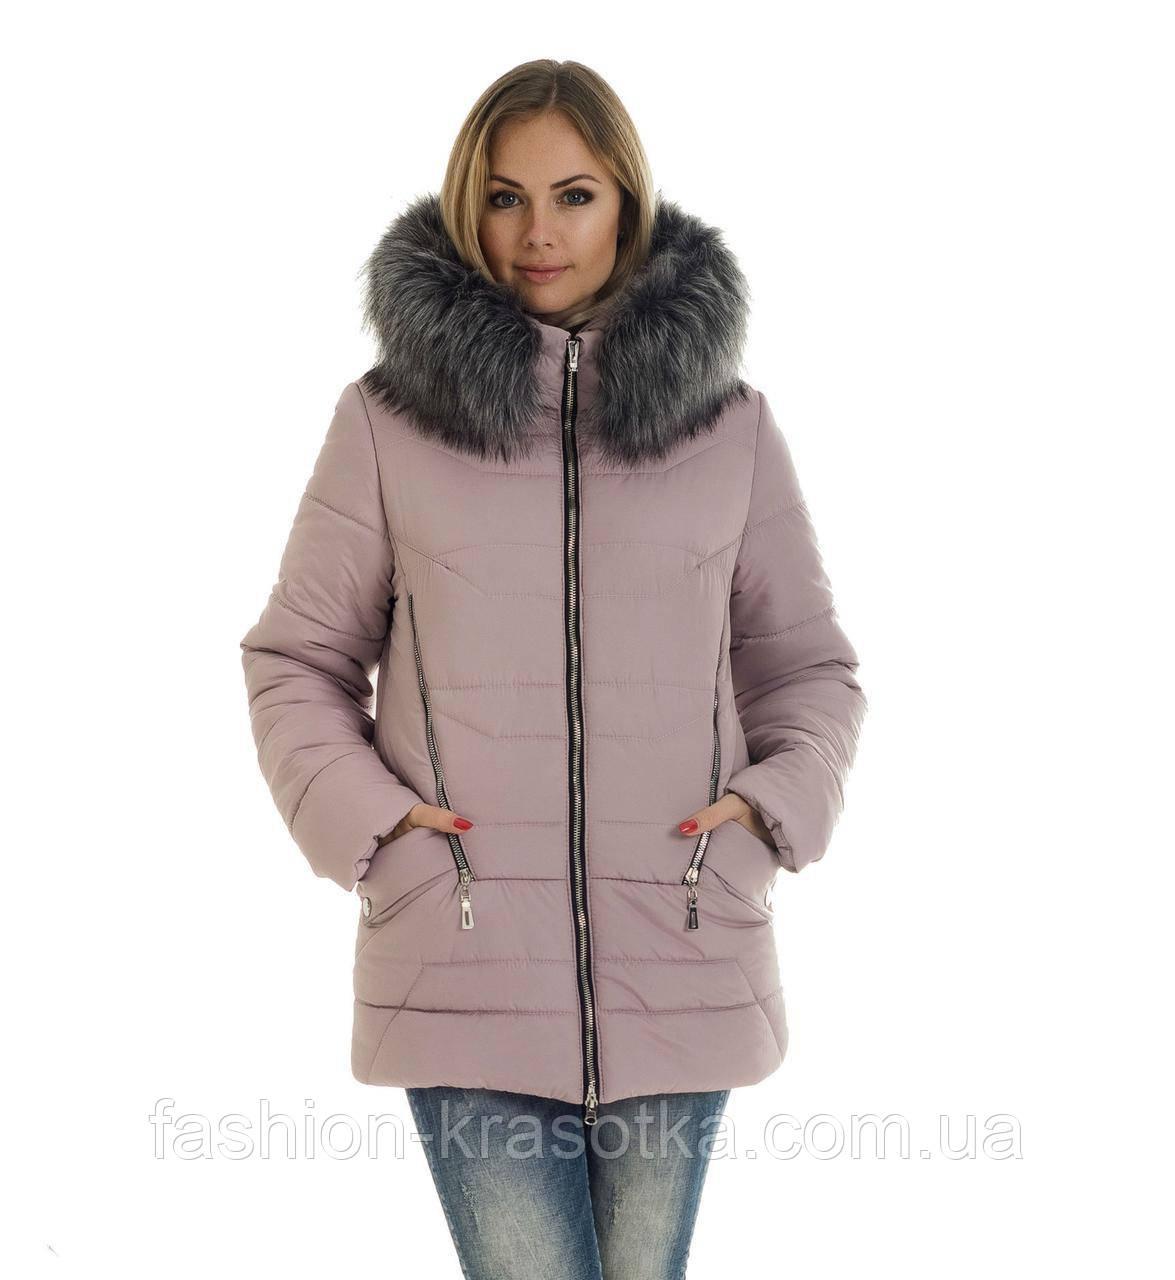 Молодёжная зимняя куртка из искусственным мехом